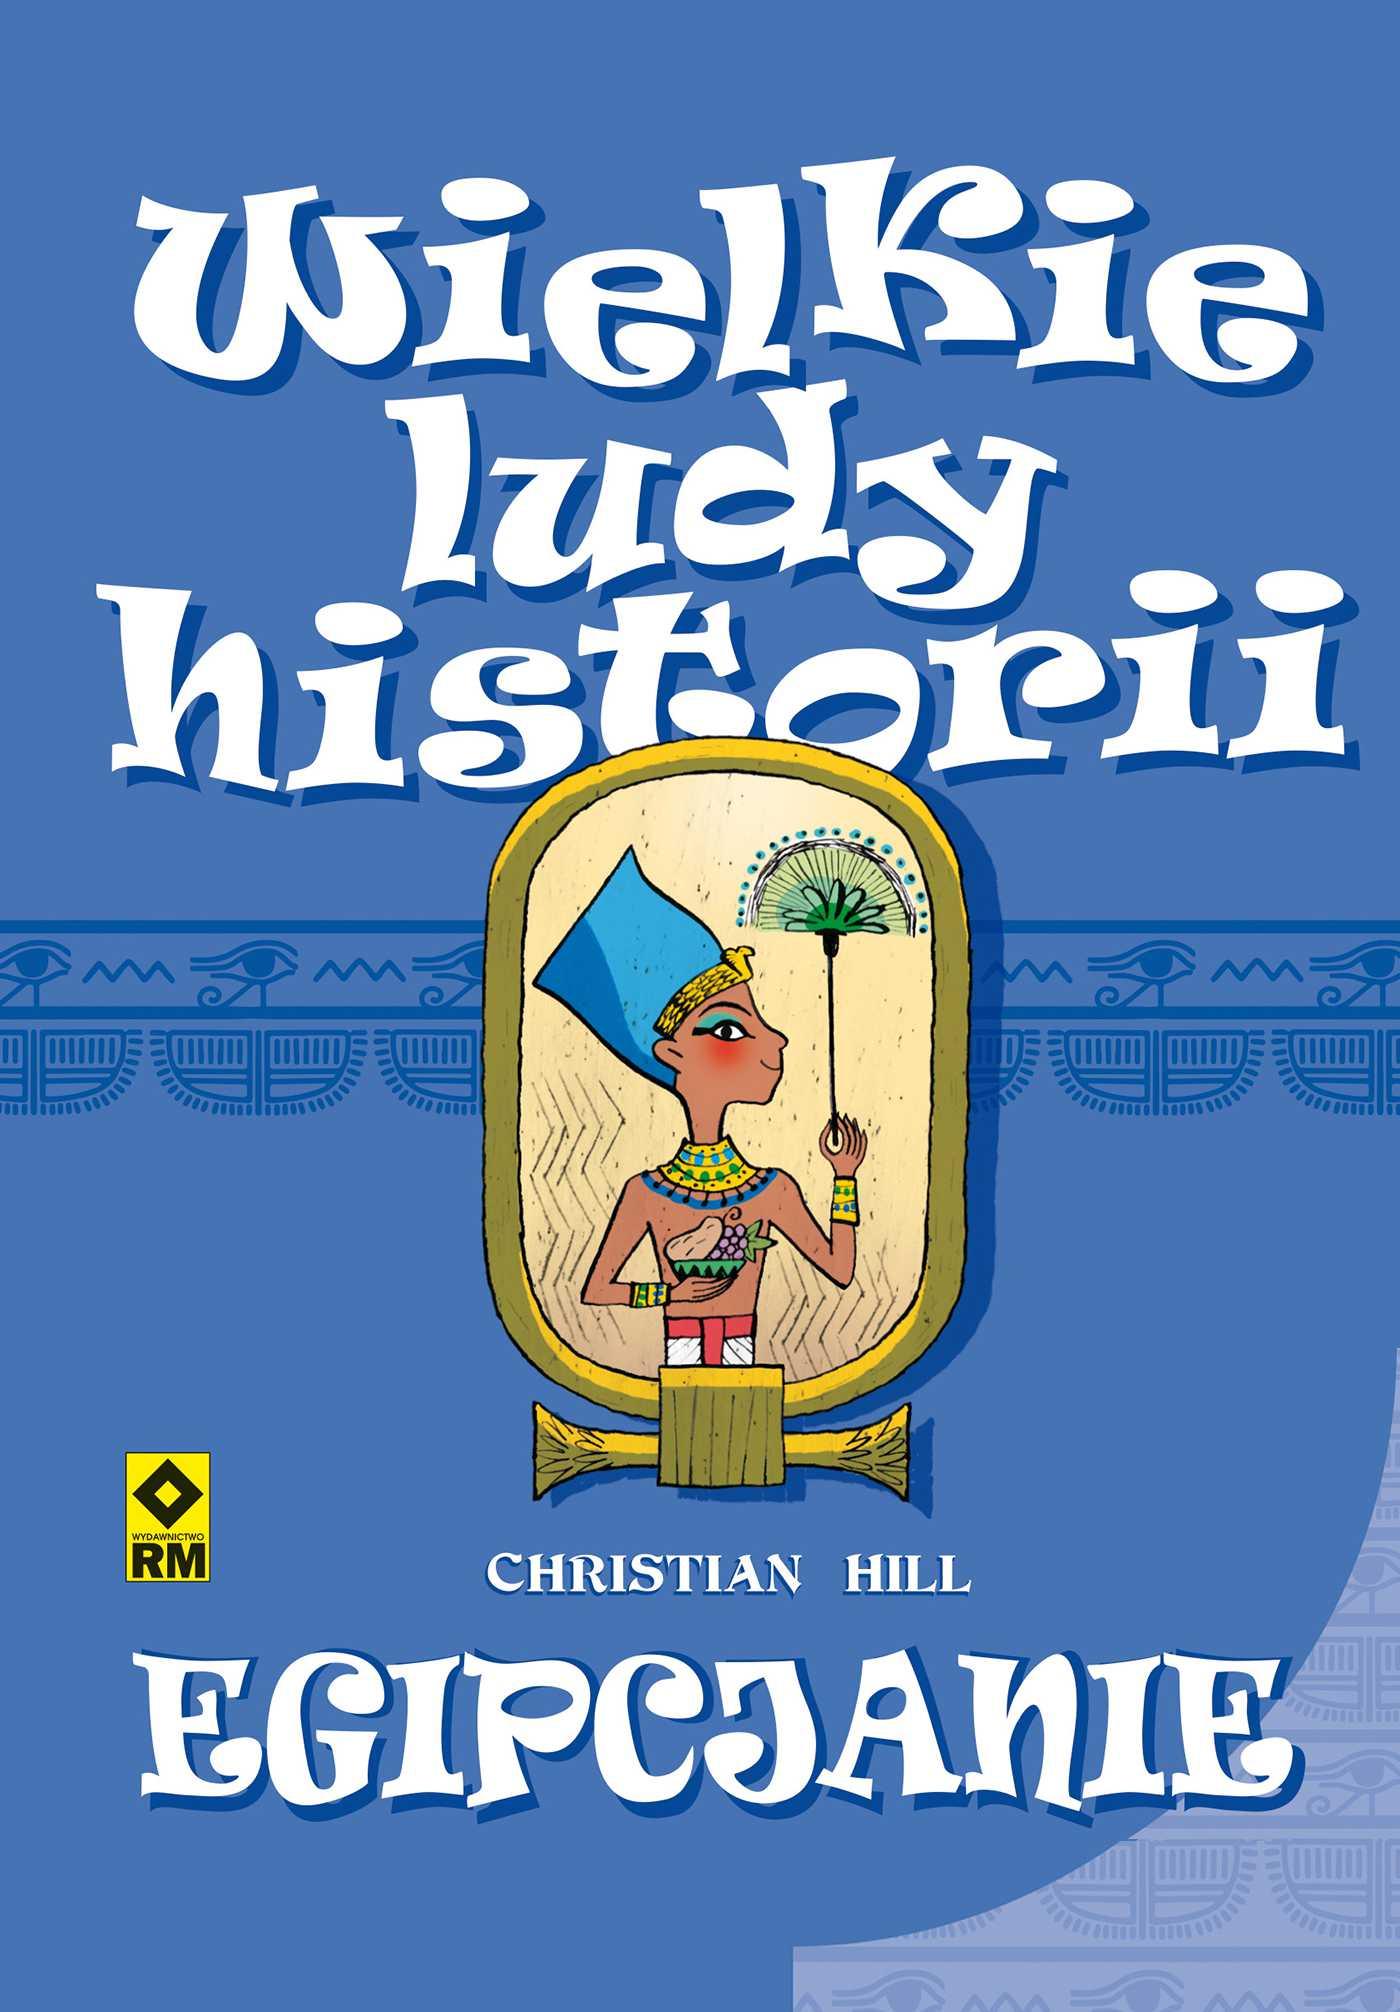 Wielkie ludy historii. Egipcjanie - Ebook (Książka EPUB) do pobrania w formacie EPUB